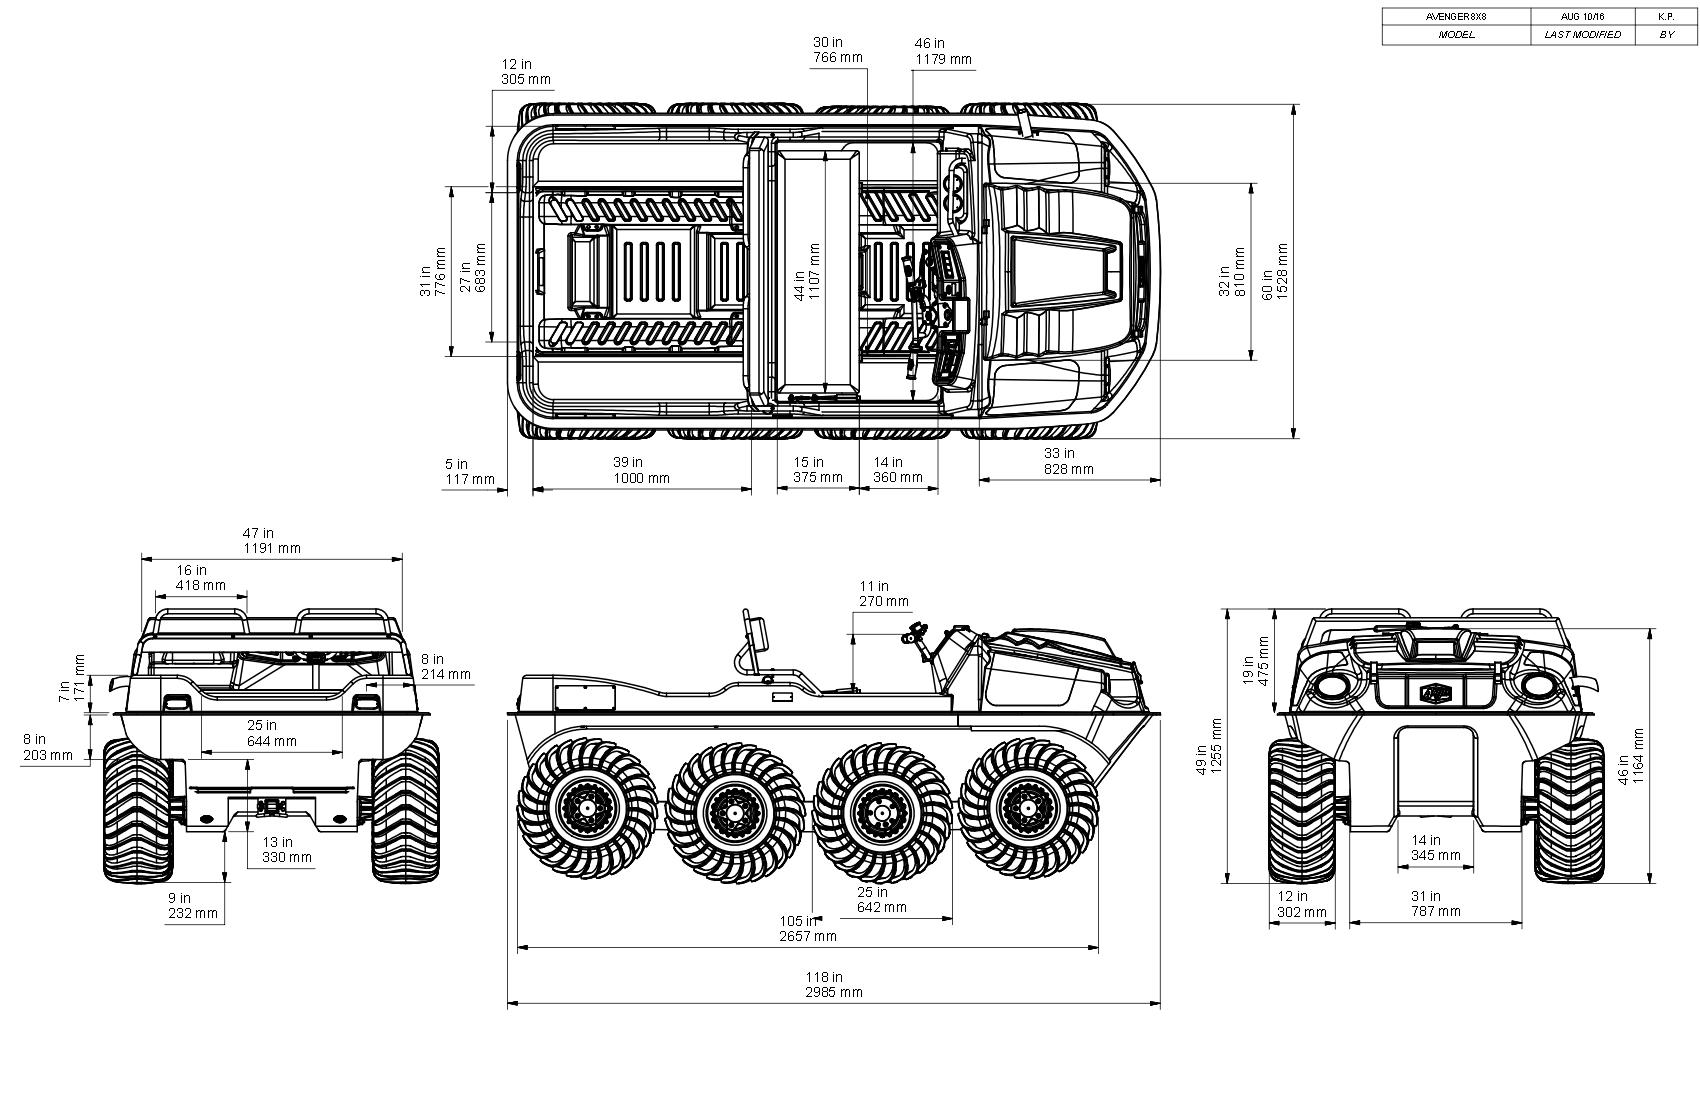 ARGO ATV TRACK GUIDE